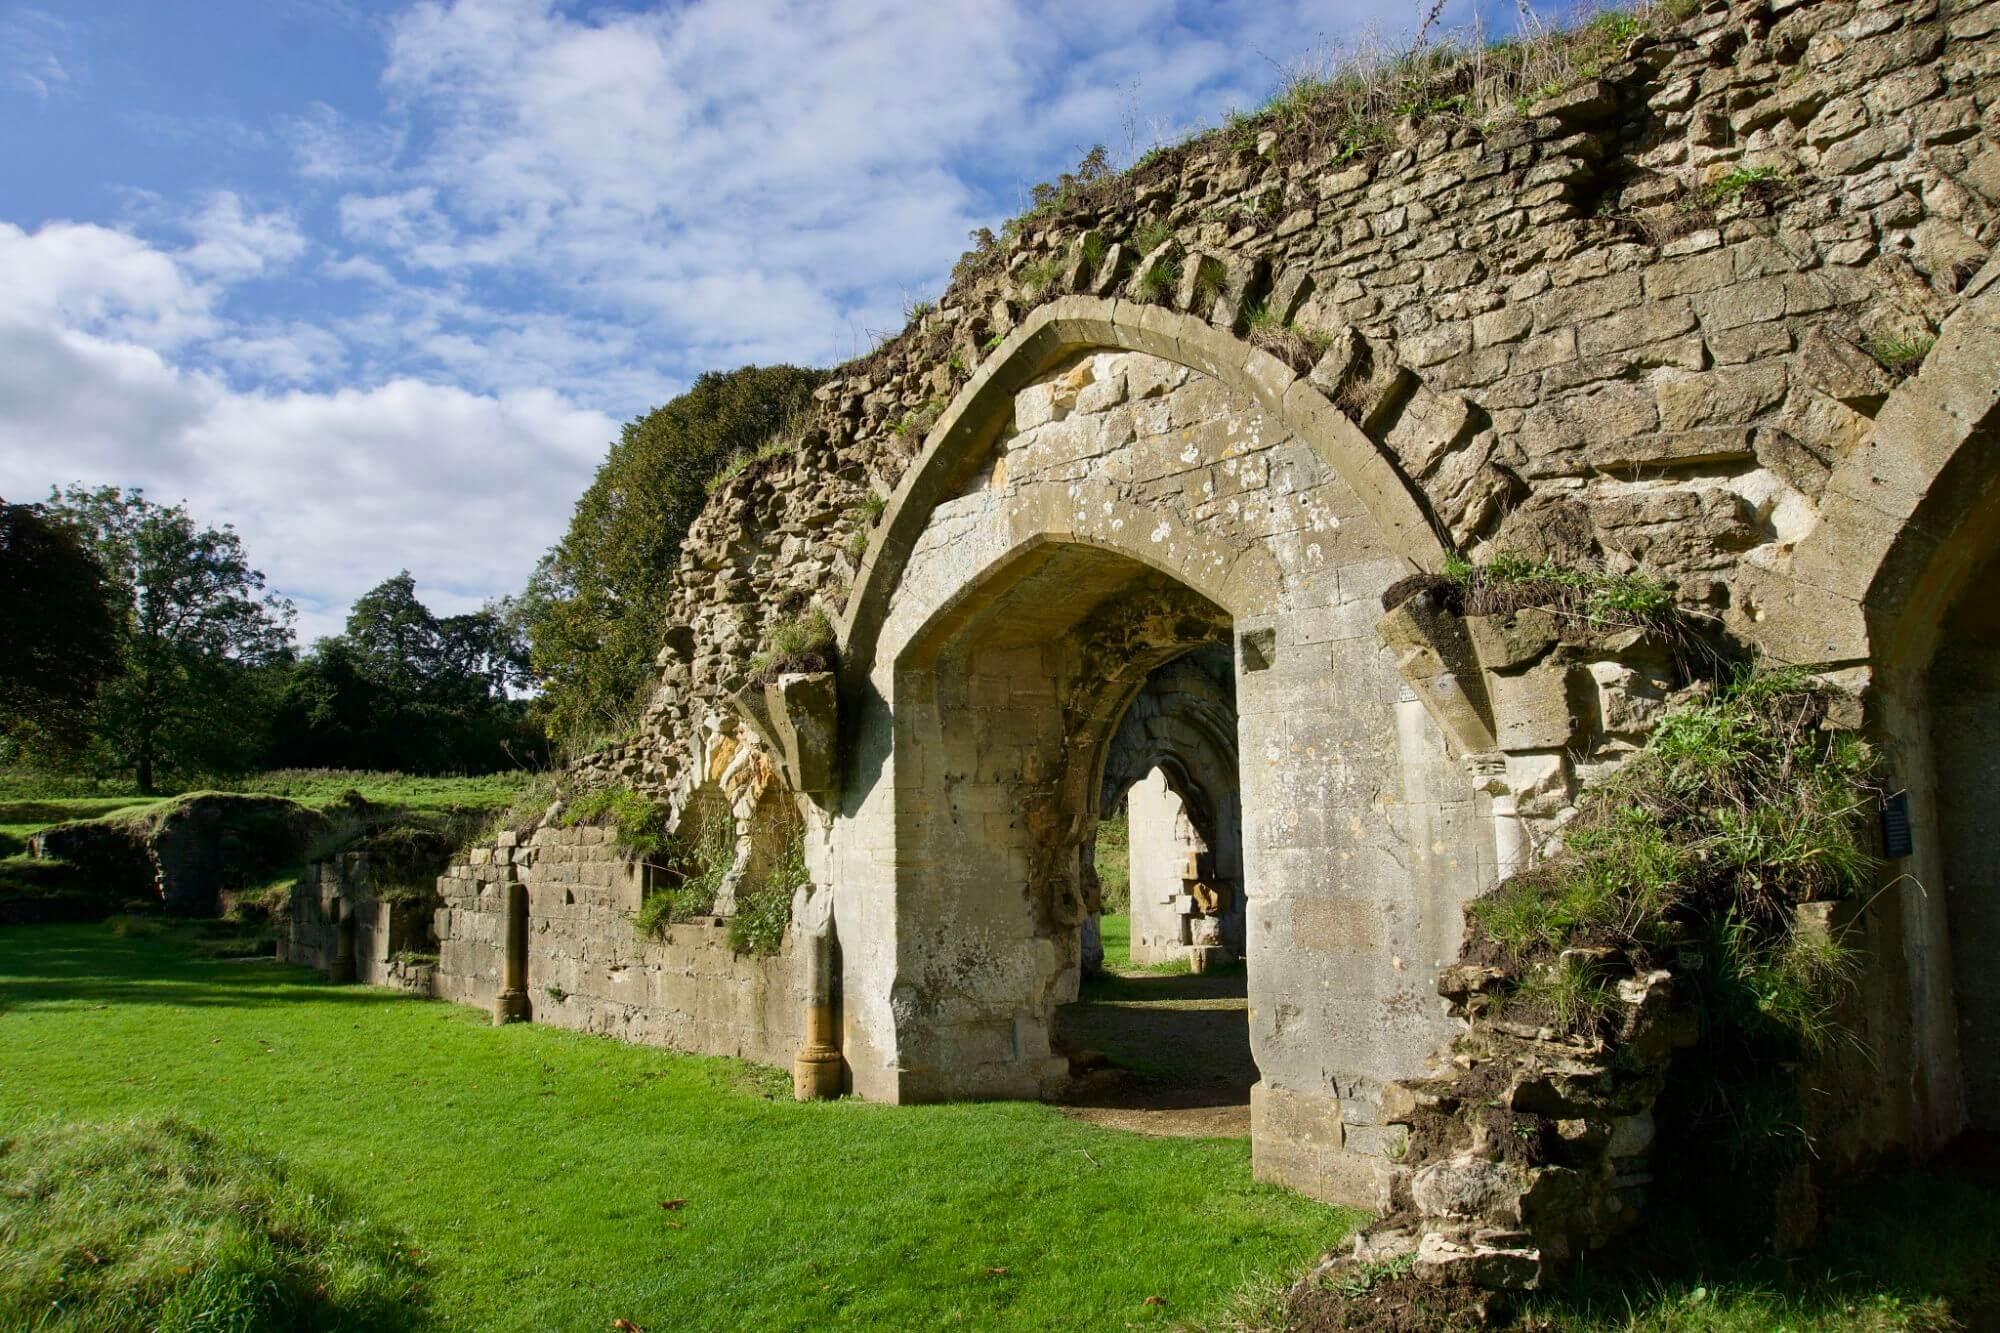 Hailes Abbey ruins near Winchcombe